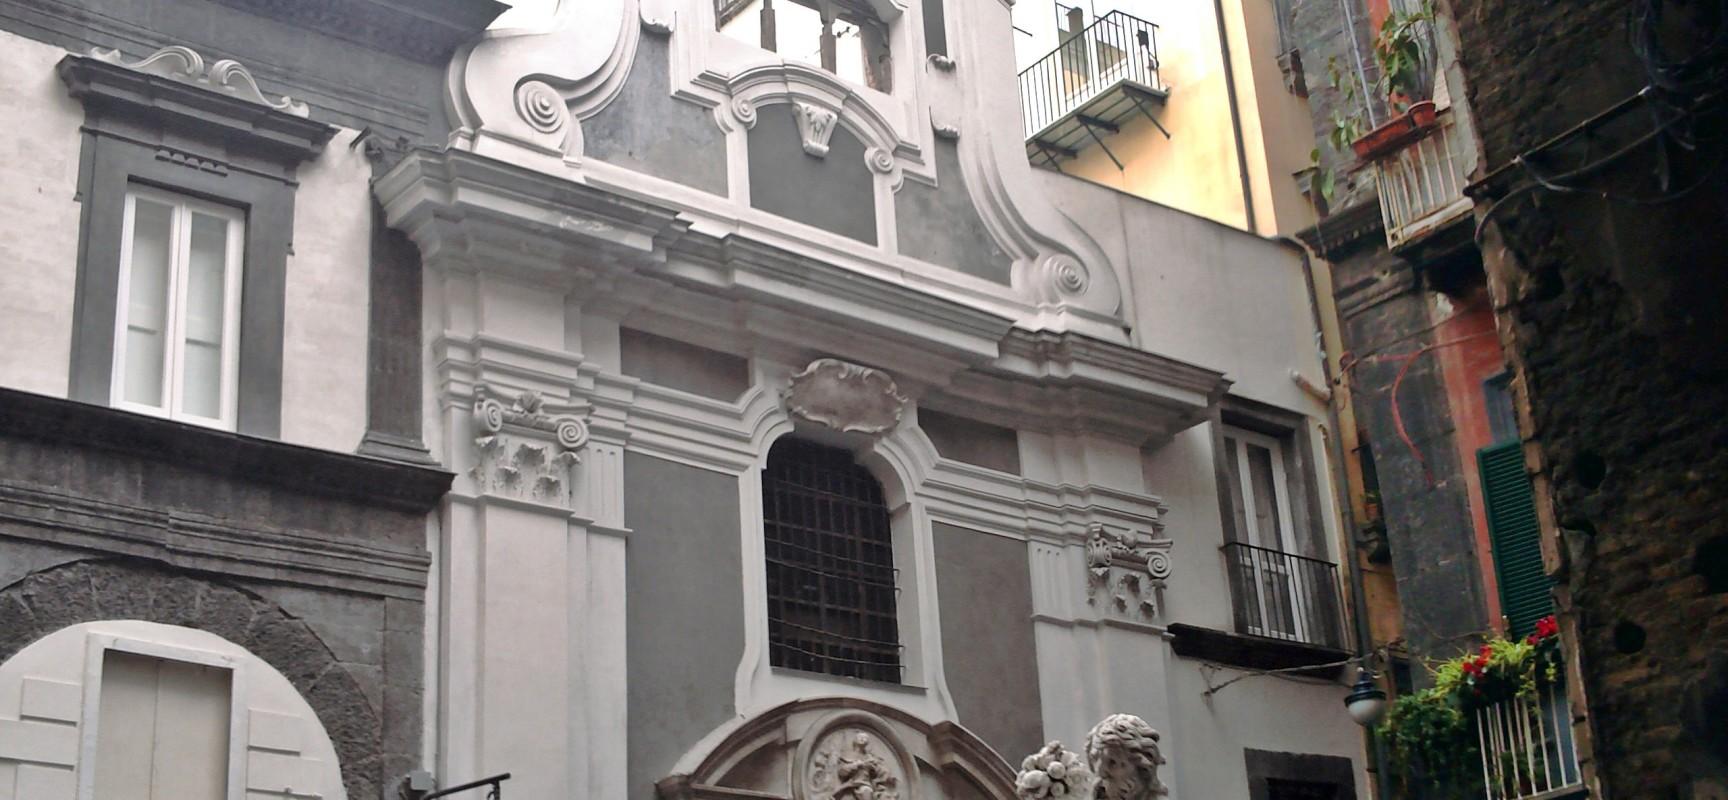 Centro storico UNESCO, la cappella ritrovata